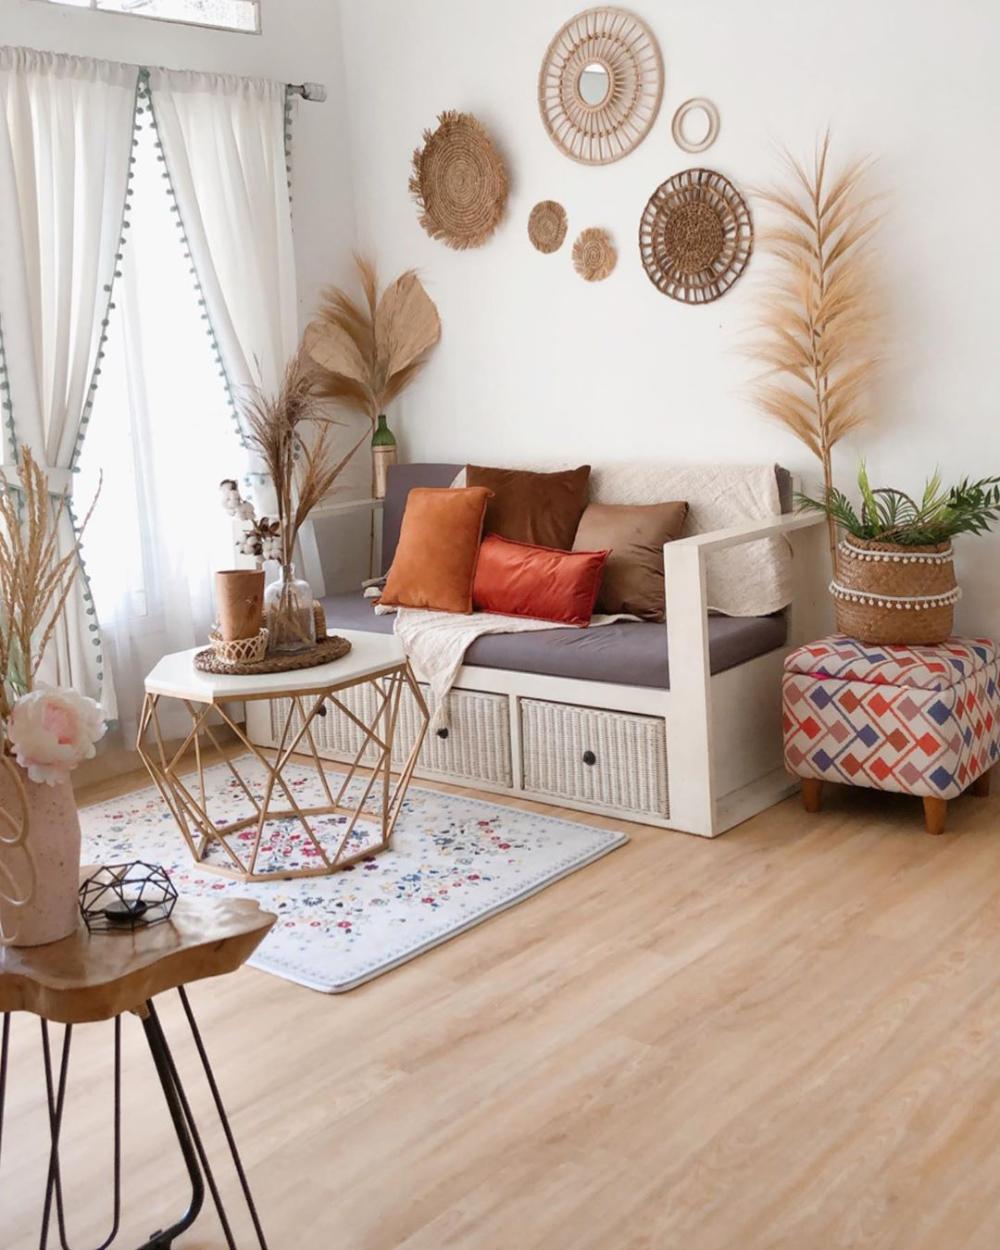 Warna Cat Tembok Ruang Tamu Yang Bagus Warna Krem Coklat